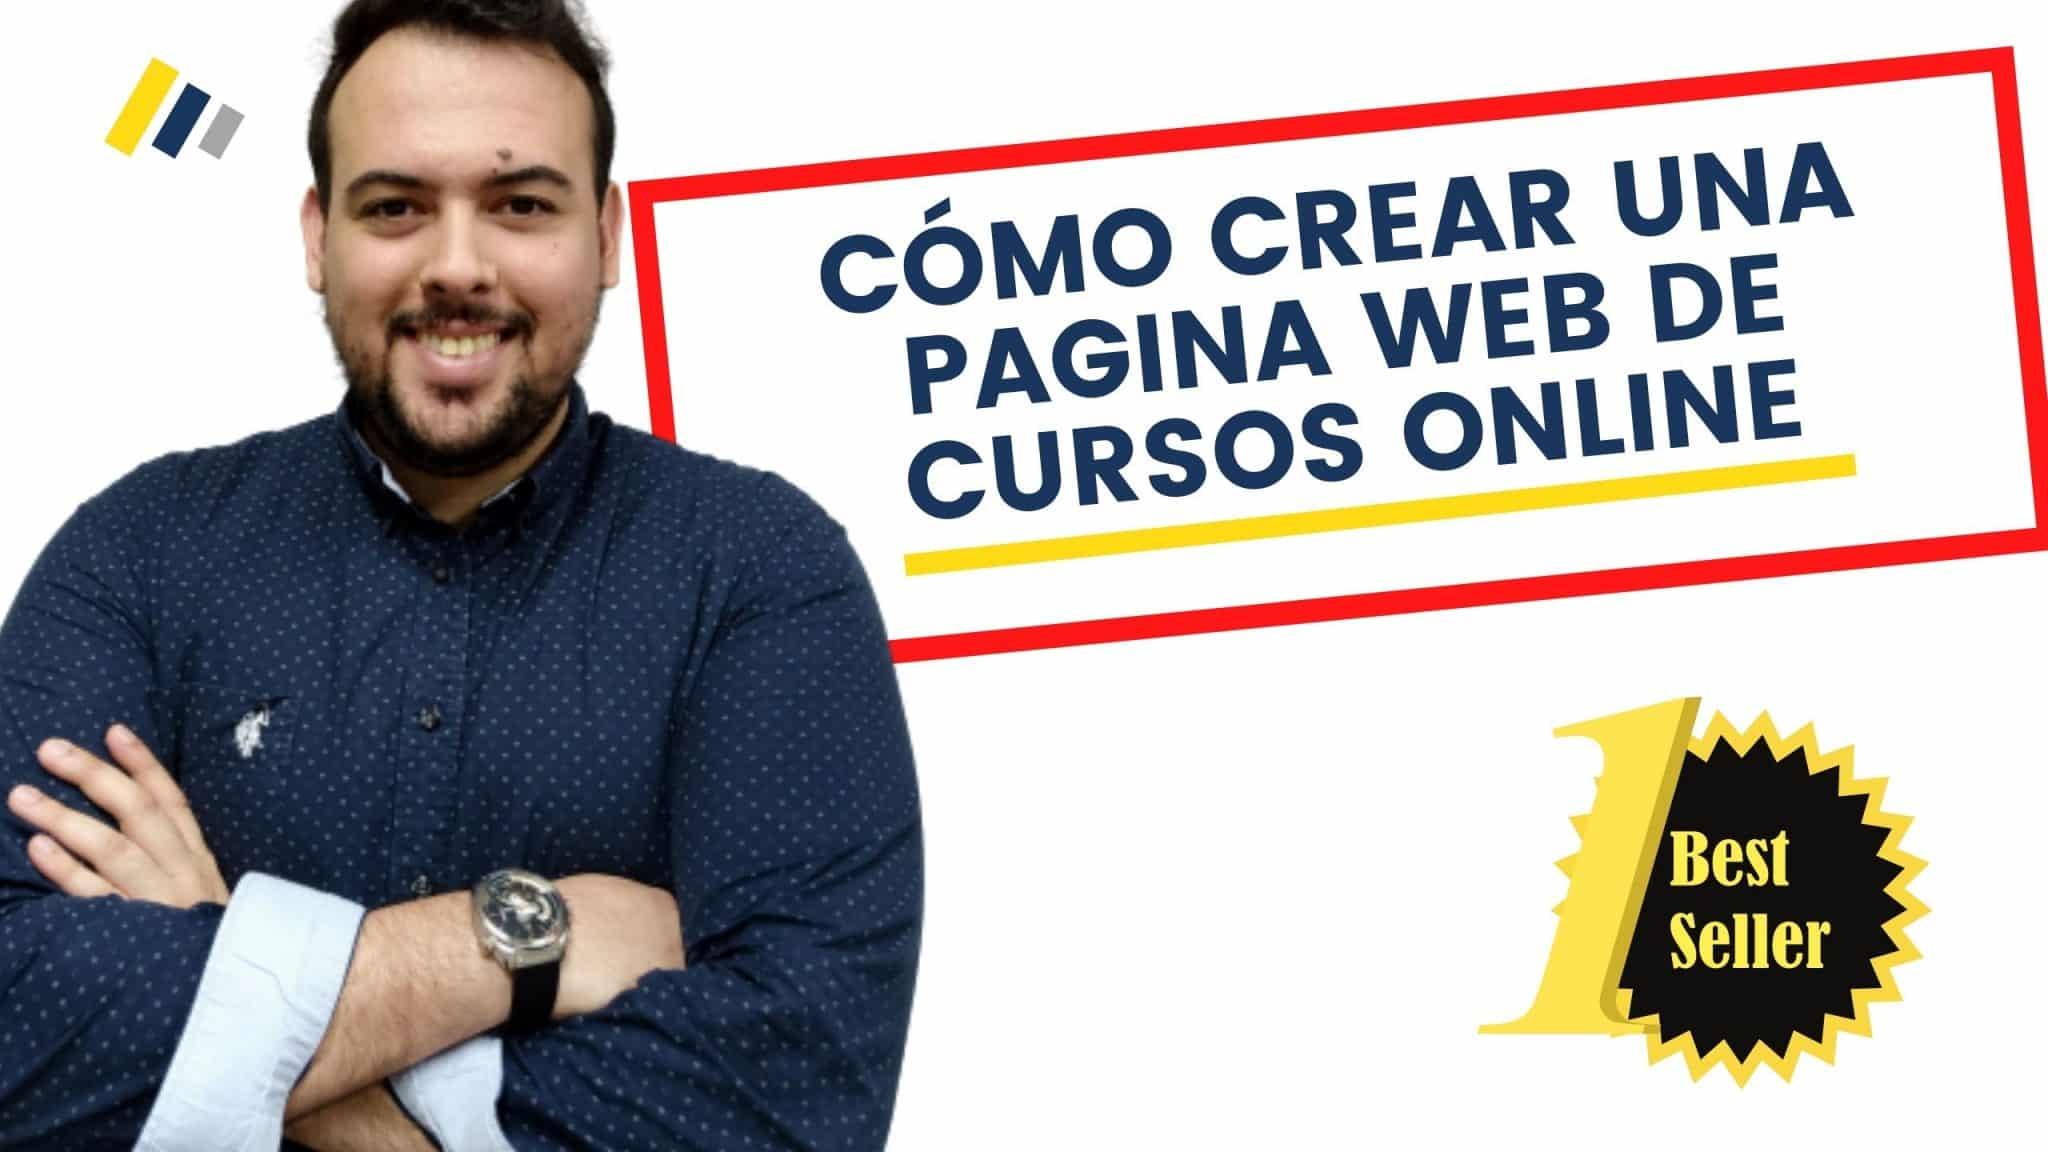 Cómo Crear Una Página Web De Cursos Online | Escuela Automatizada